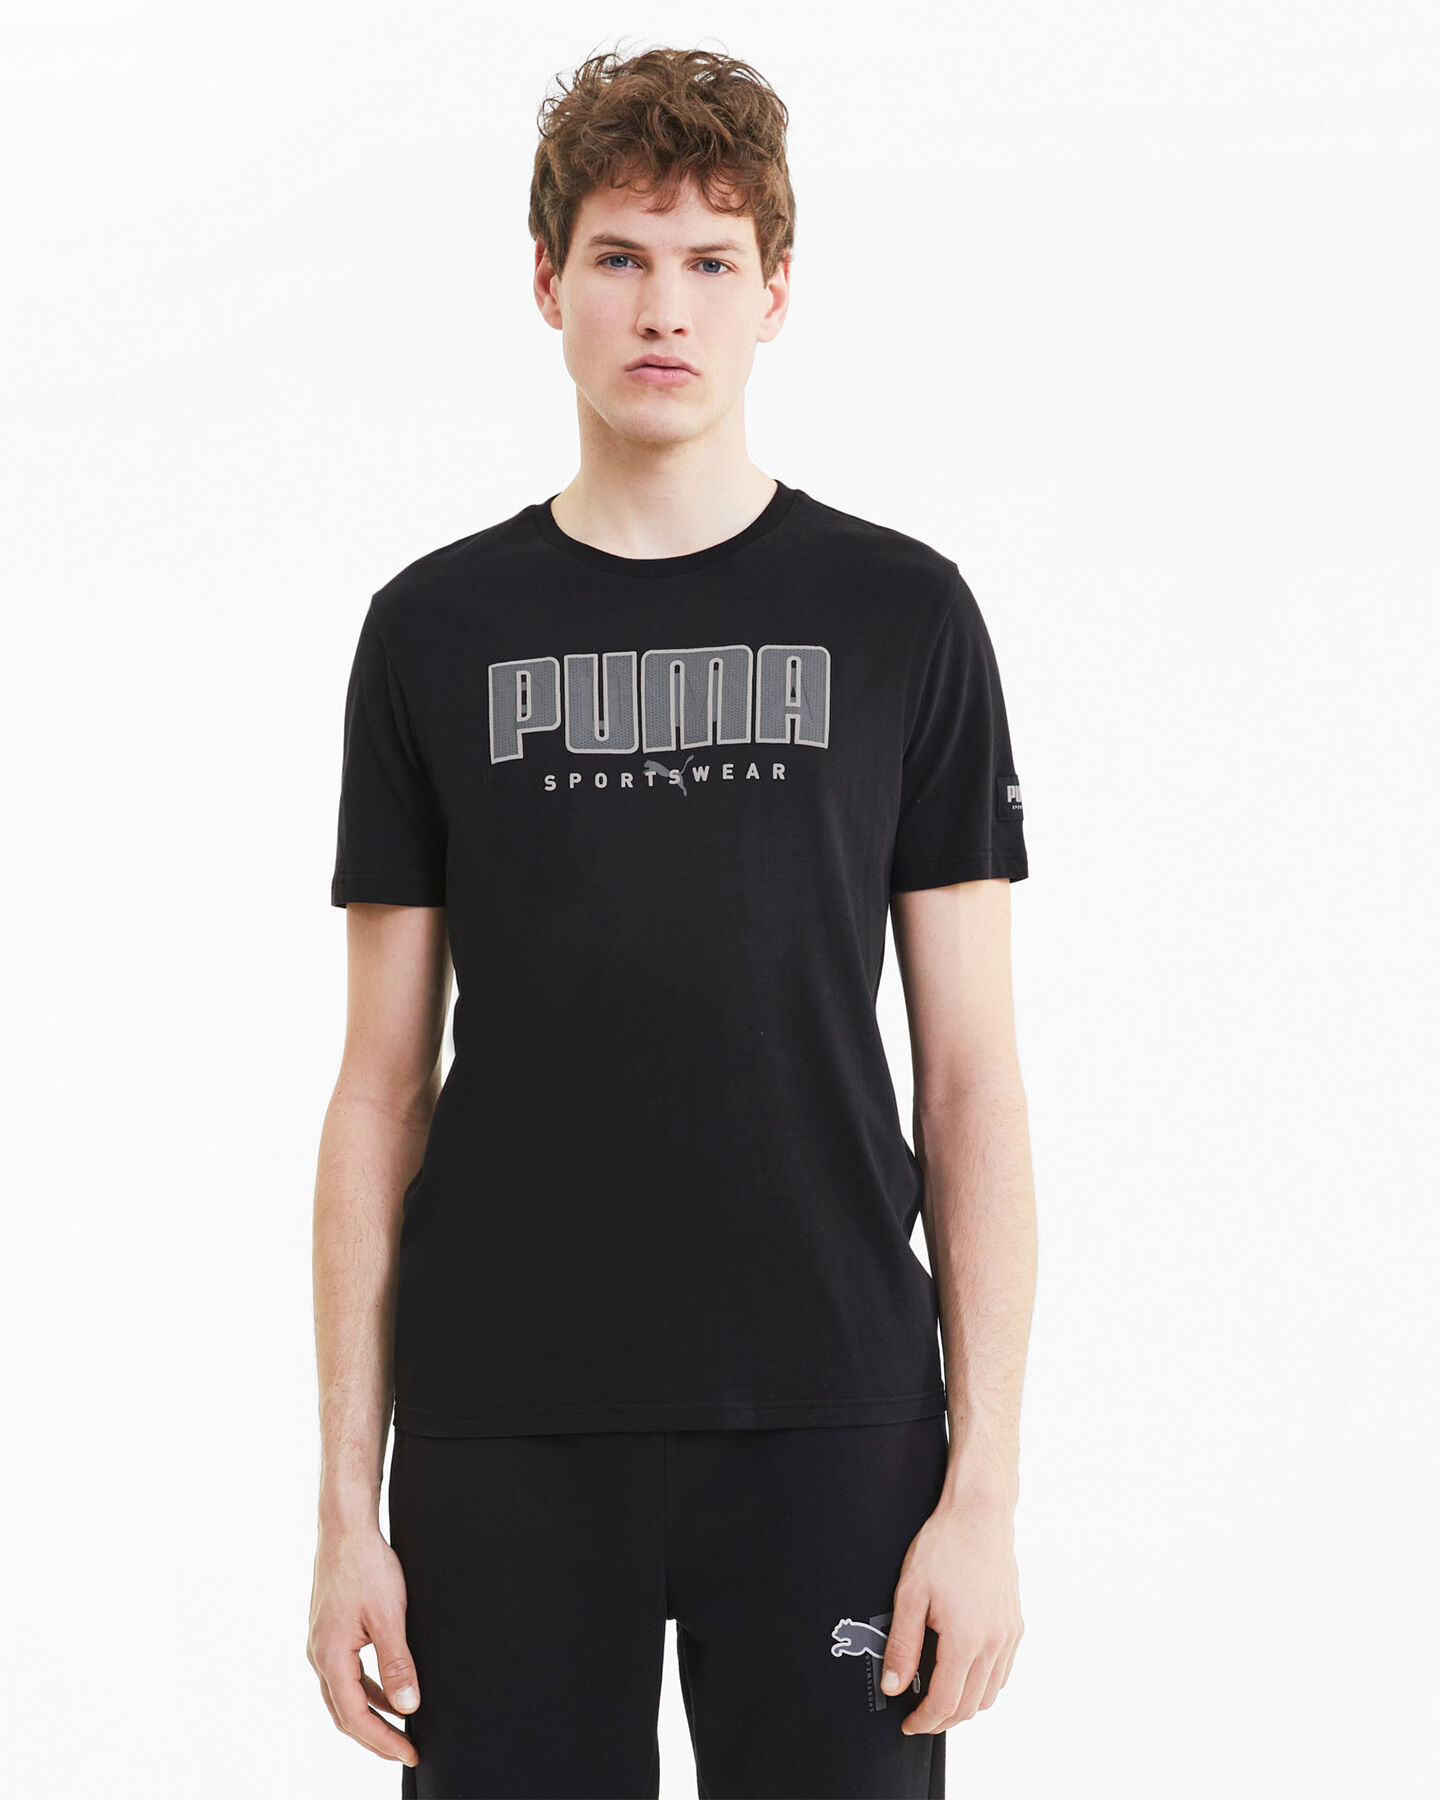 T-Shirt PUMA ATHTLETIC M S5235064|01|S scatto 2